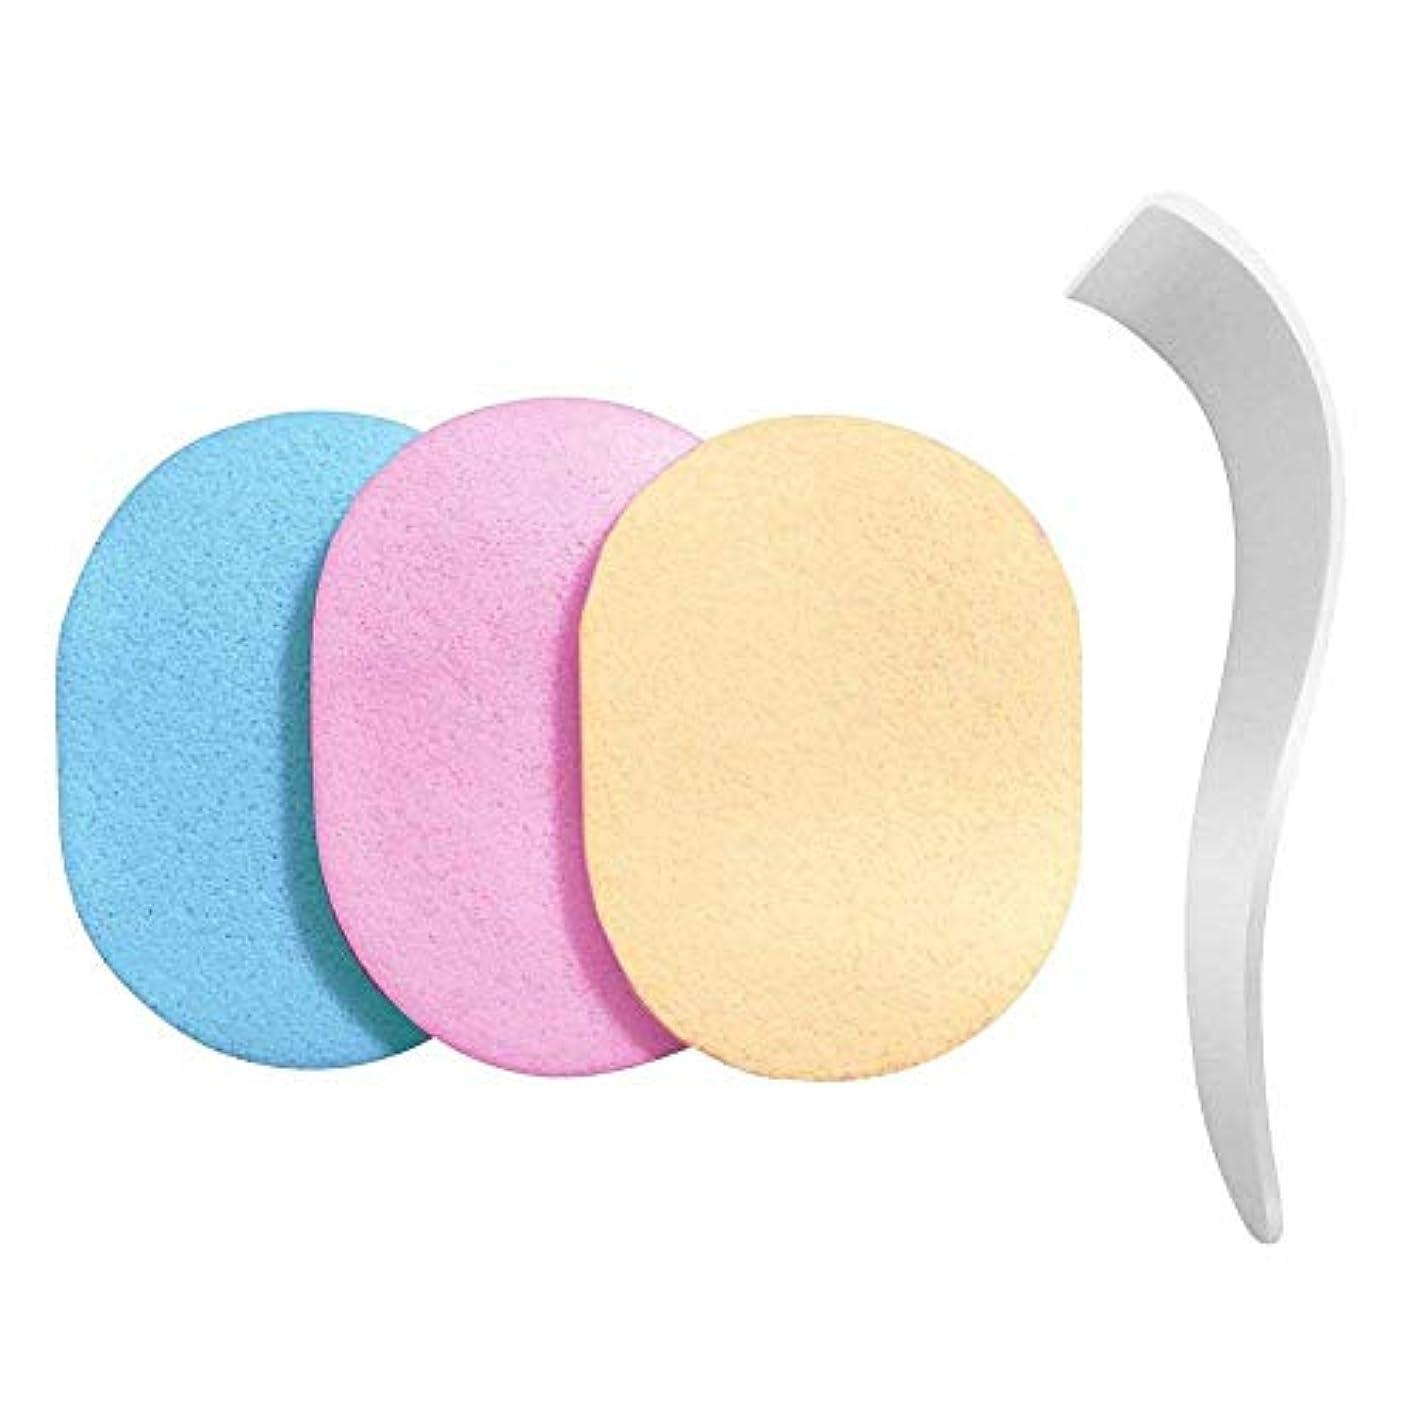 刑務所母性胆嚢Viffly 専用ヘラ スポンジ 洗って使える 3色セット 除毛クリーム専用 メンズ レディース【除毛用】